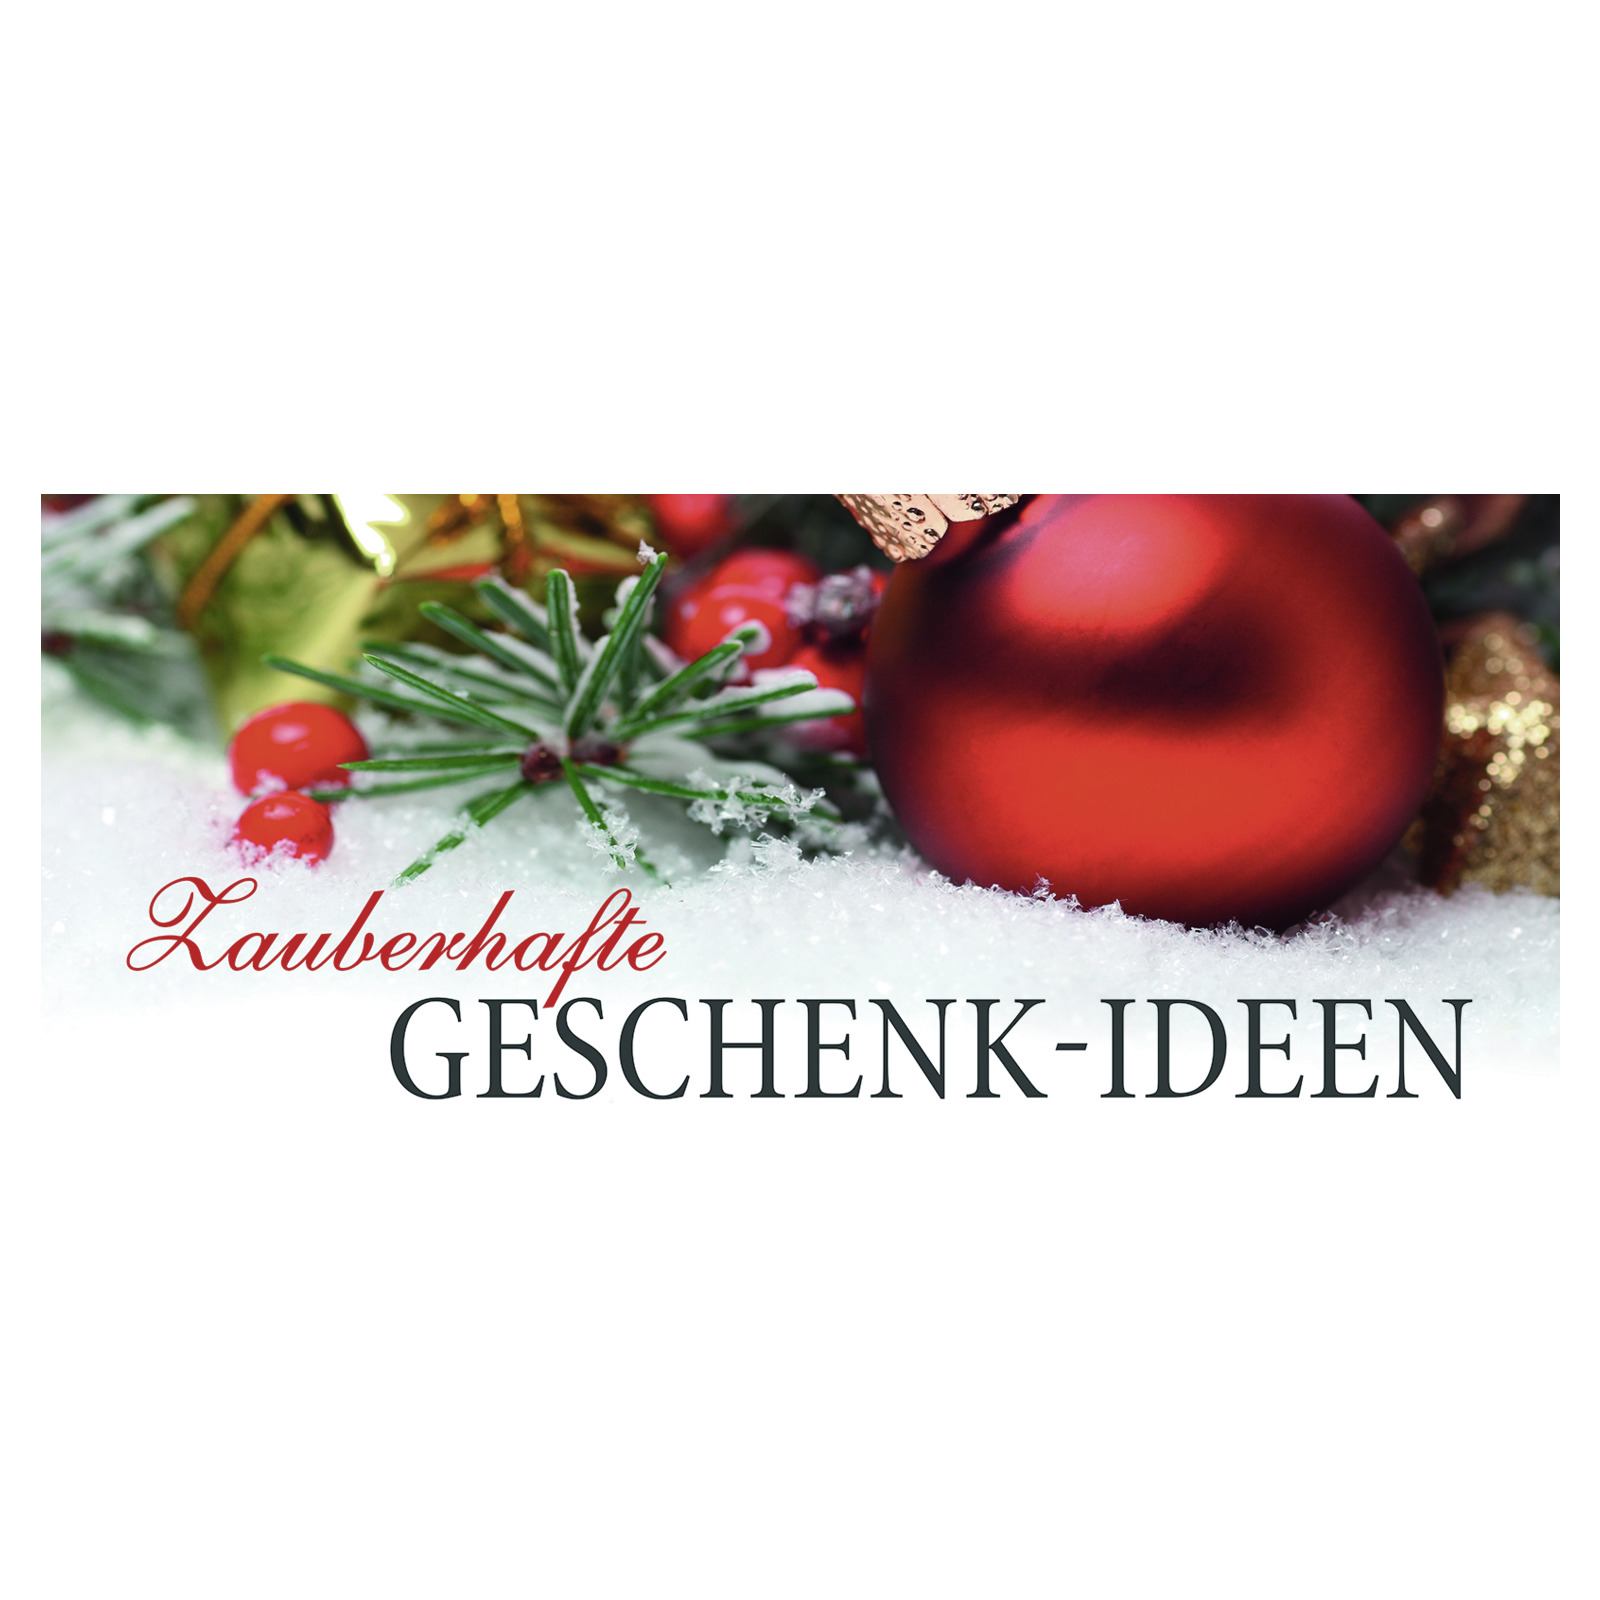 Plakatstreifen Zauberhafte Geschenk-Ideen 68x30 cm - Plakate ...